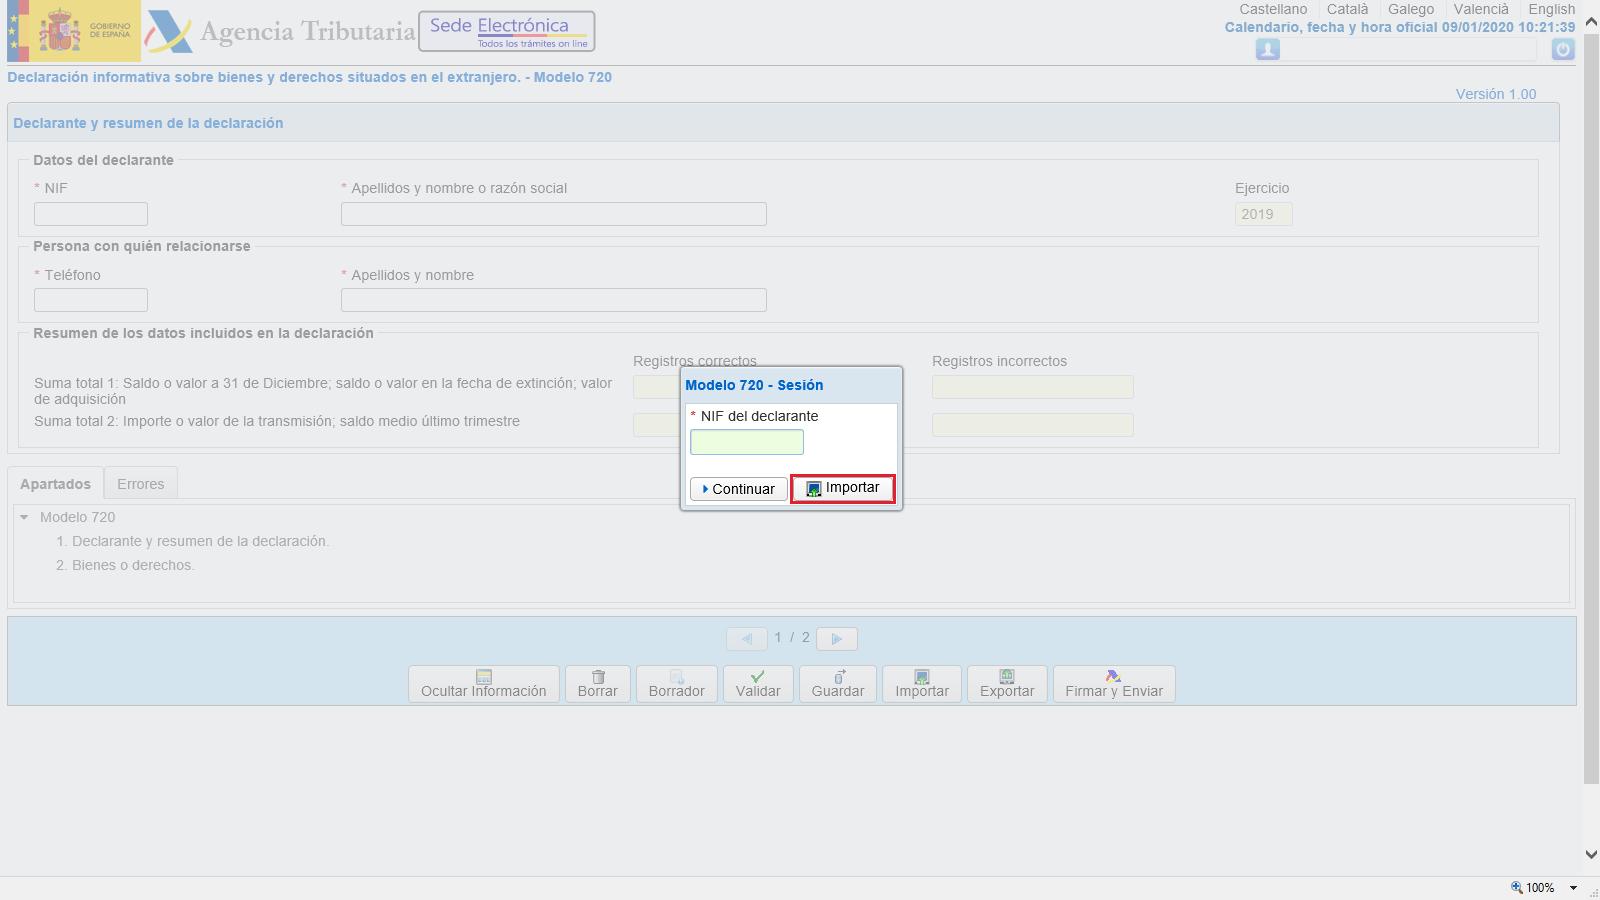 Modelo 720 Importar Web AEAT